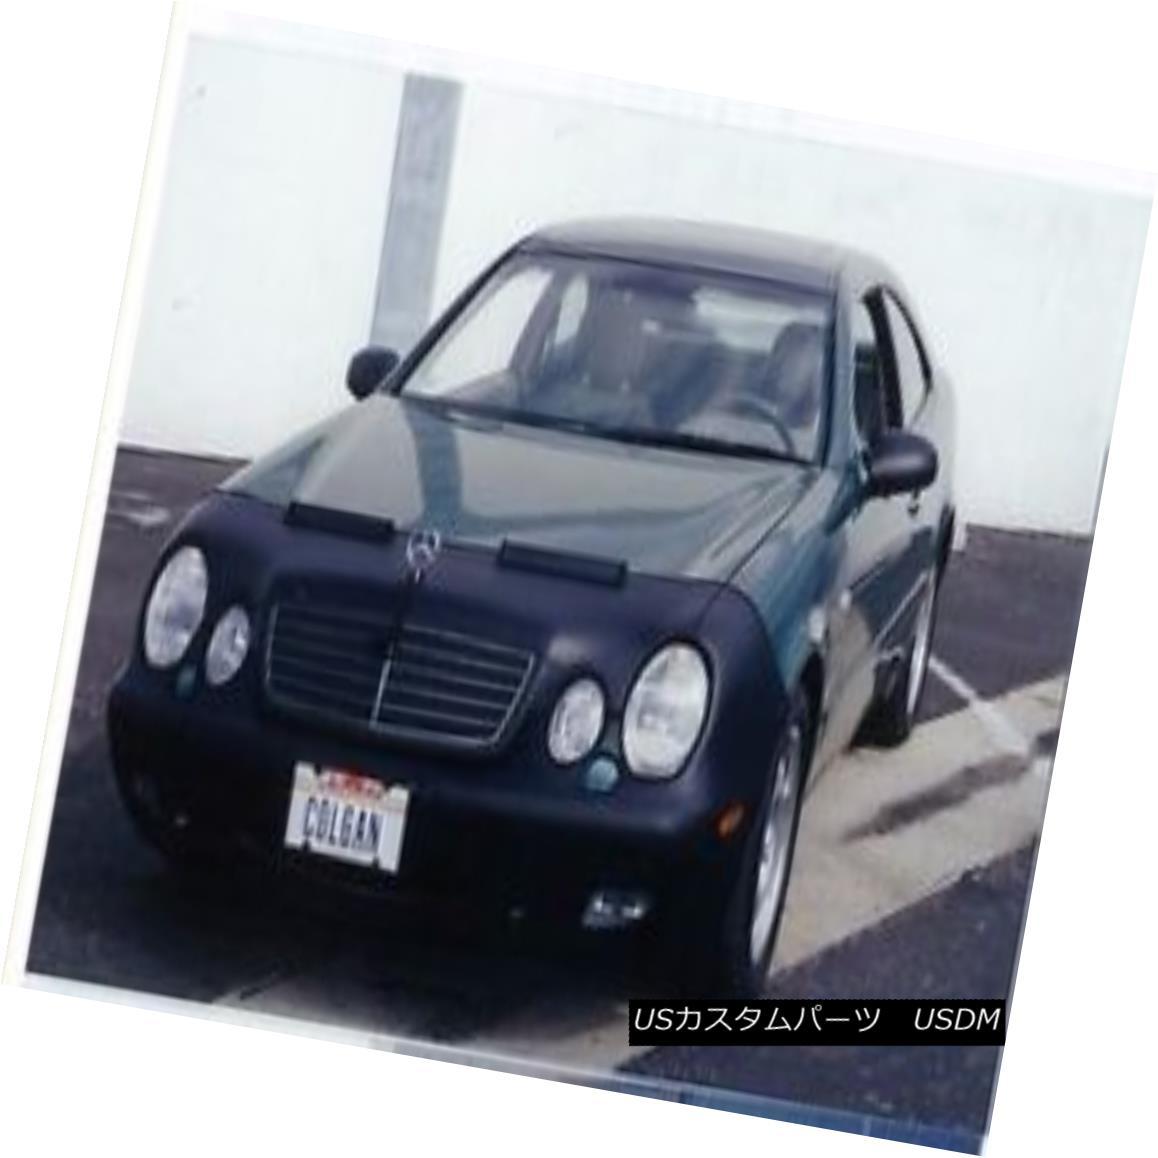 フルブラ ノーズブラ Colgan Front End Mask Bra 2pc. Fits Mercedes Benz CLK320 1998-01 W/O Lic.Plate コルガンフロントエンドマスクブラ2pc メルセデスベンツに適合CLK320 1998-01 W / O Lic.Plate